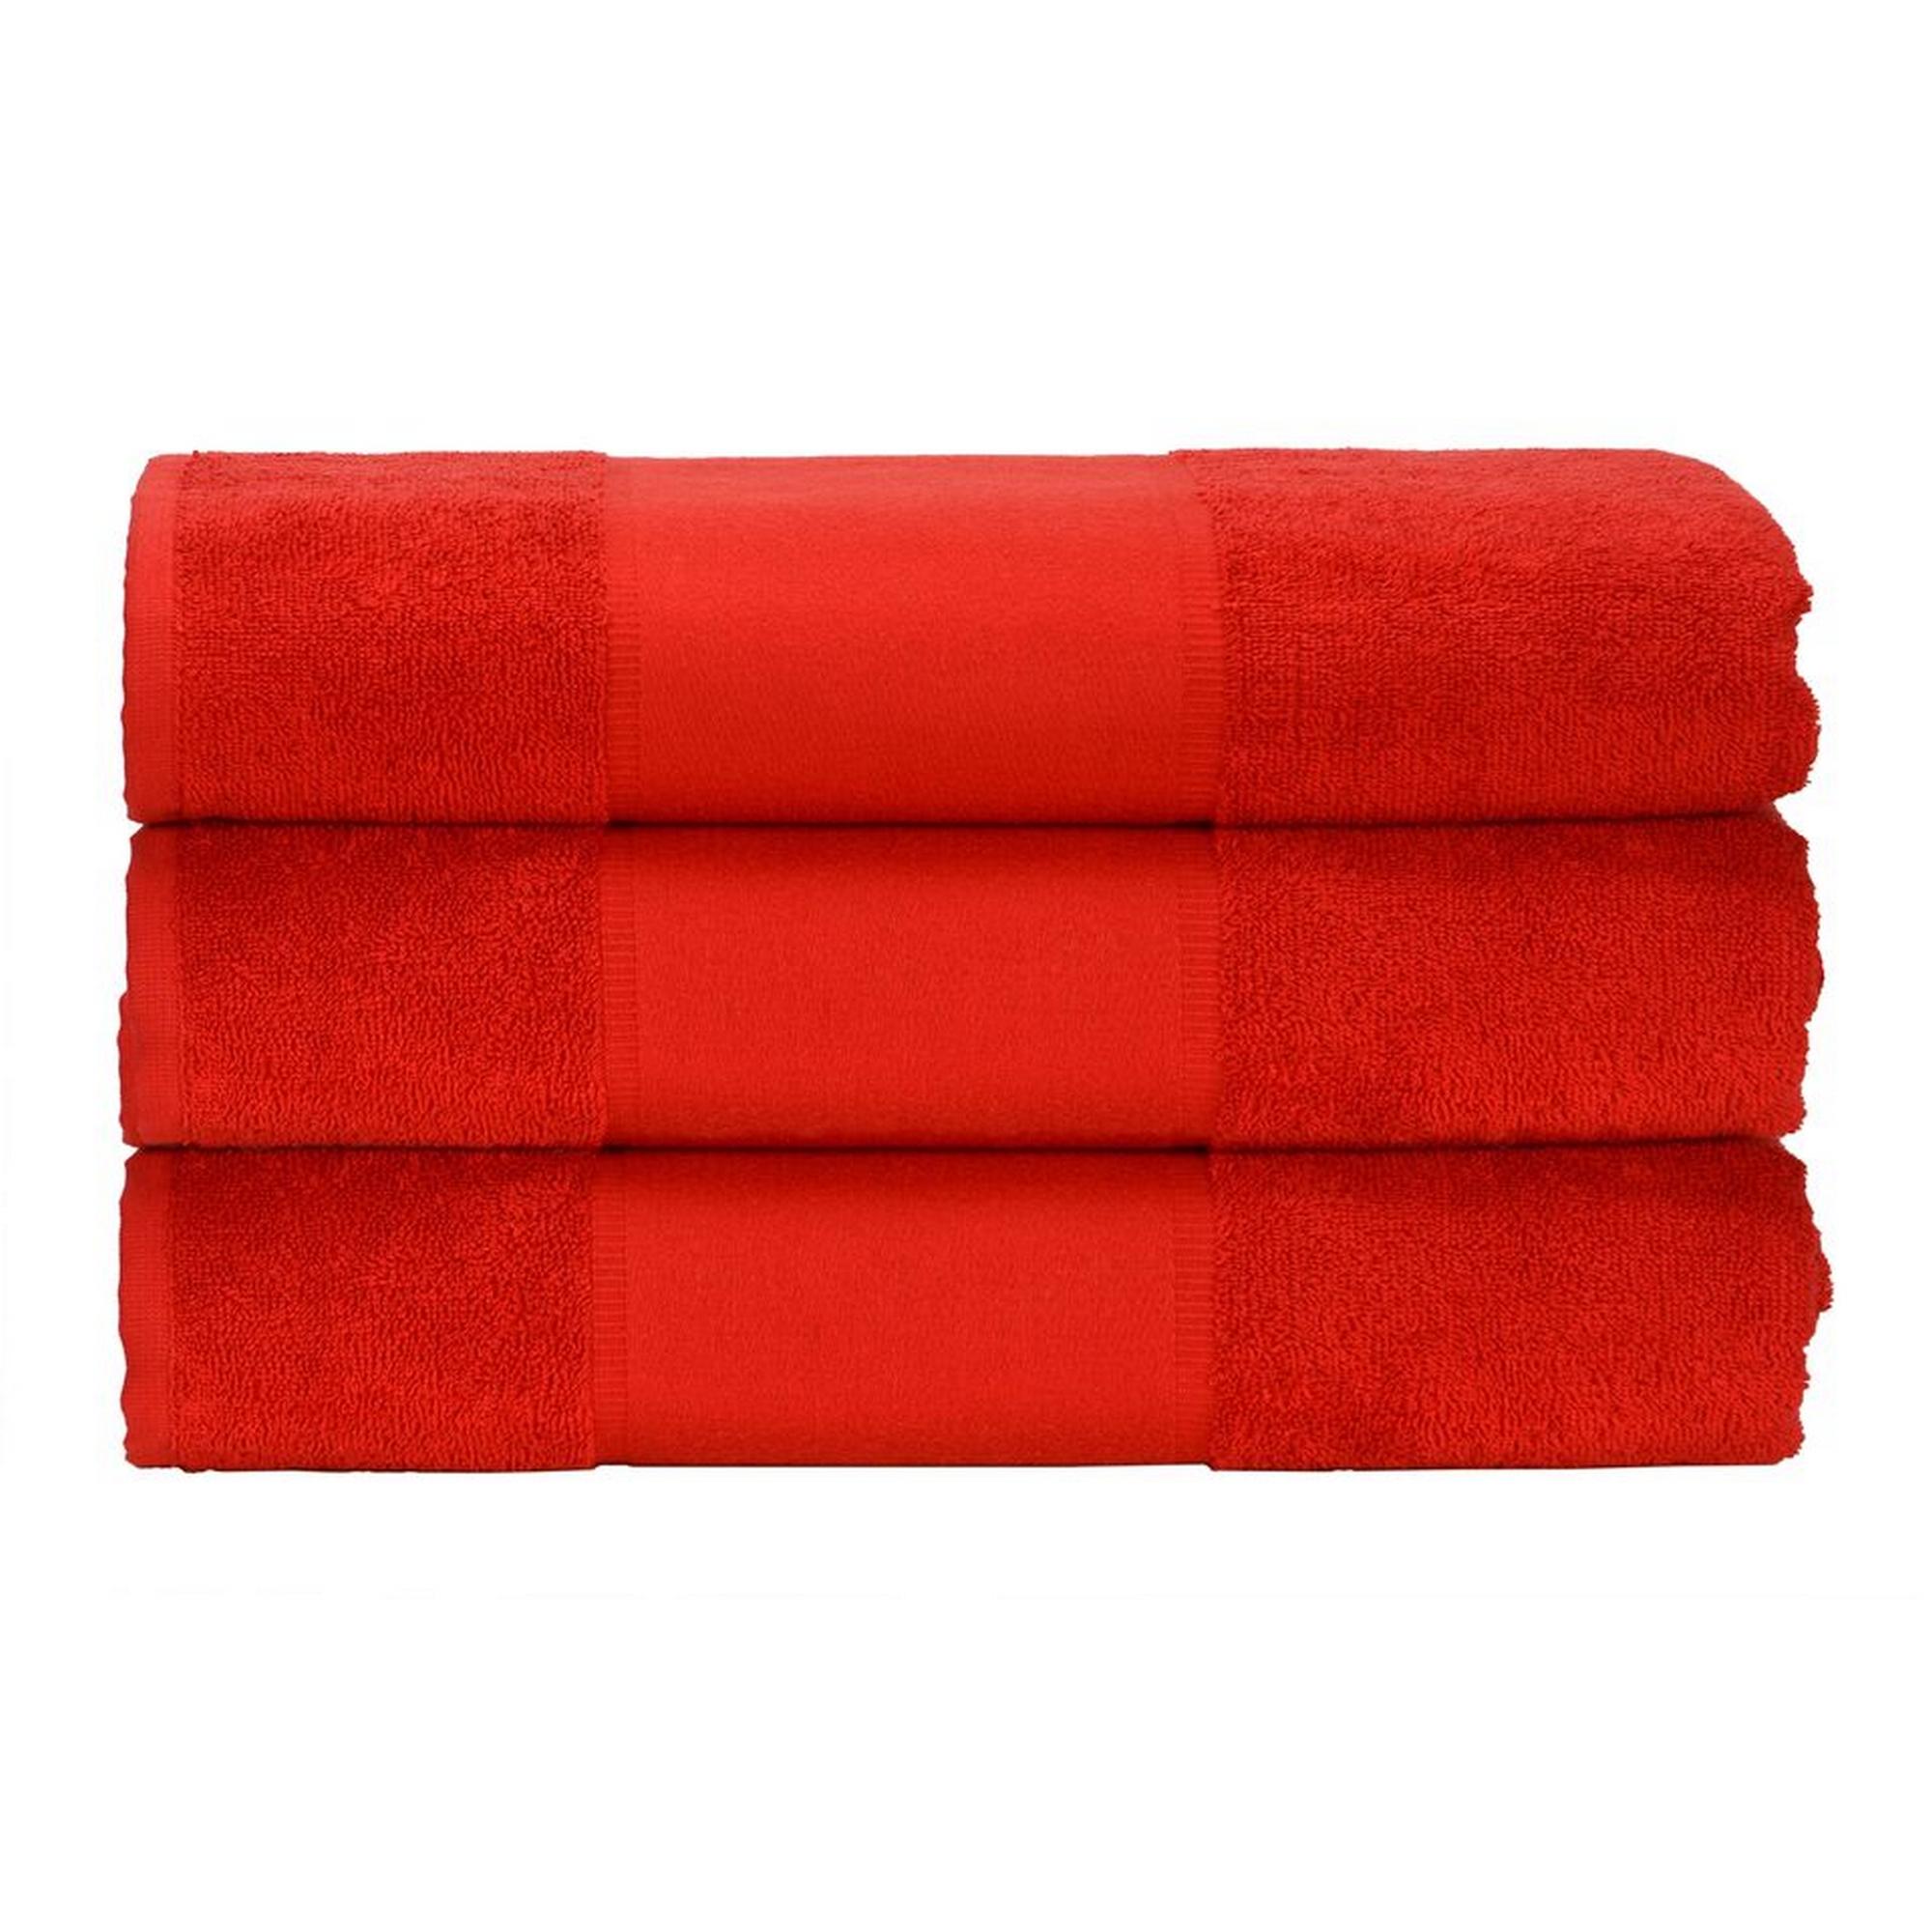 A-amp-R-Towels-Toalla-de-mano-modelo-Print-Me-RW6036